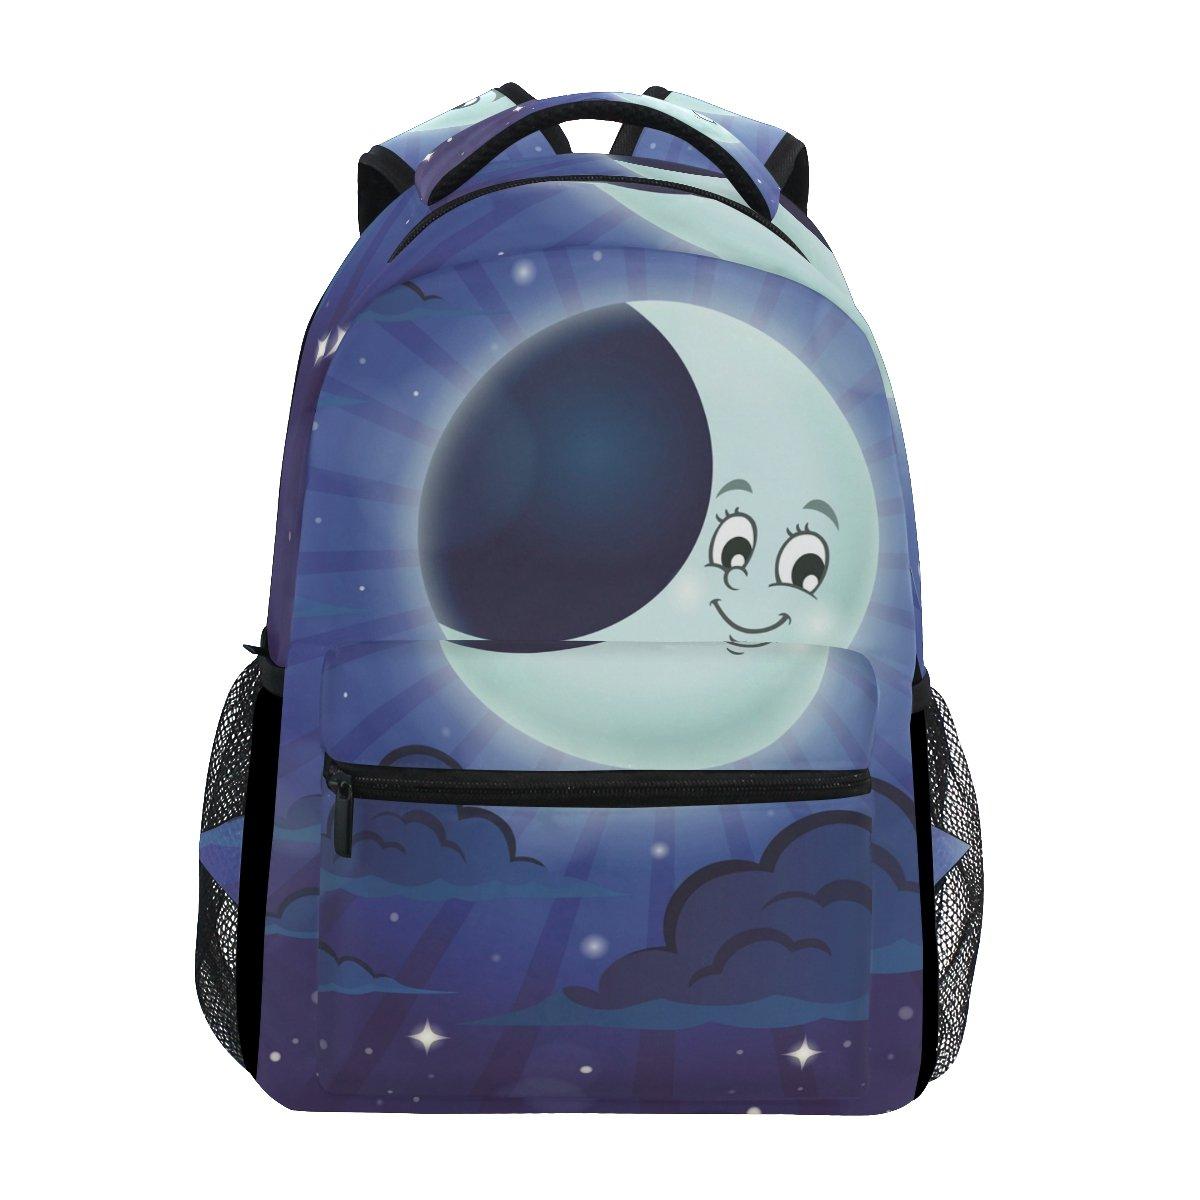 ahomy Moon Night Skyバックパックガールズカレッジスクールバッグレディースカジュアル旅行用デイパック   B07FTJRW5M